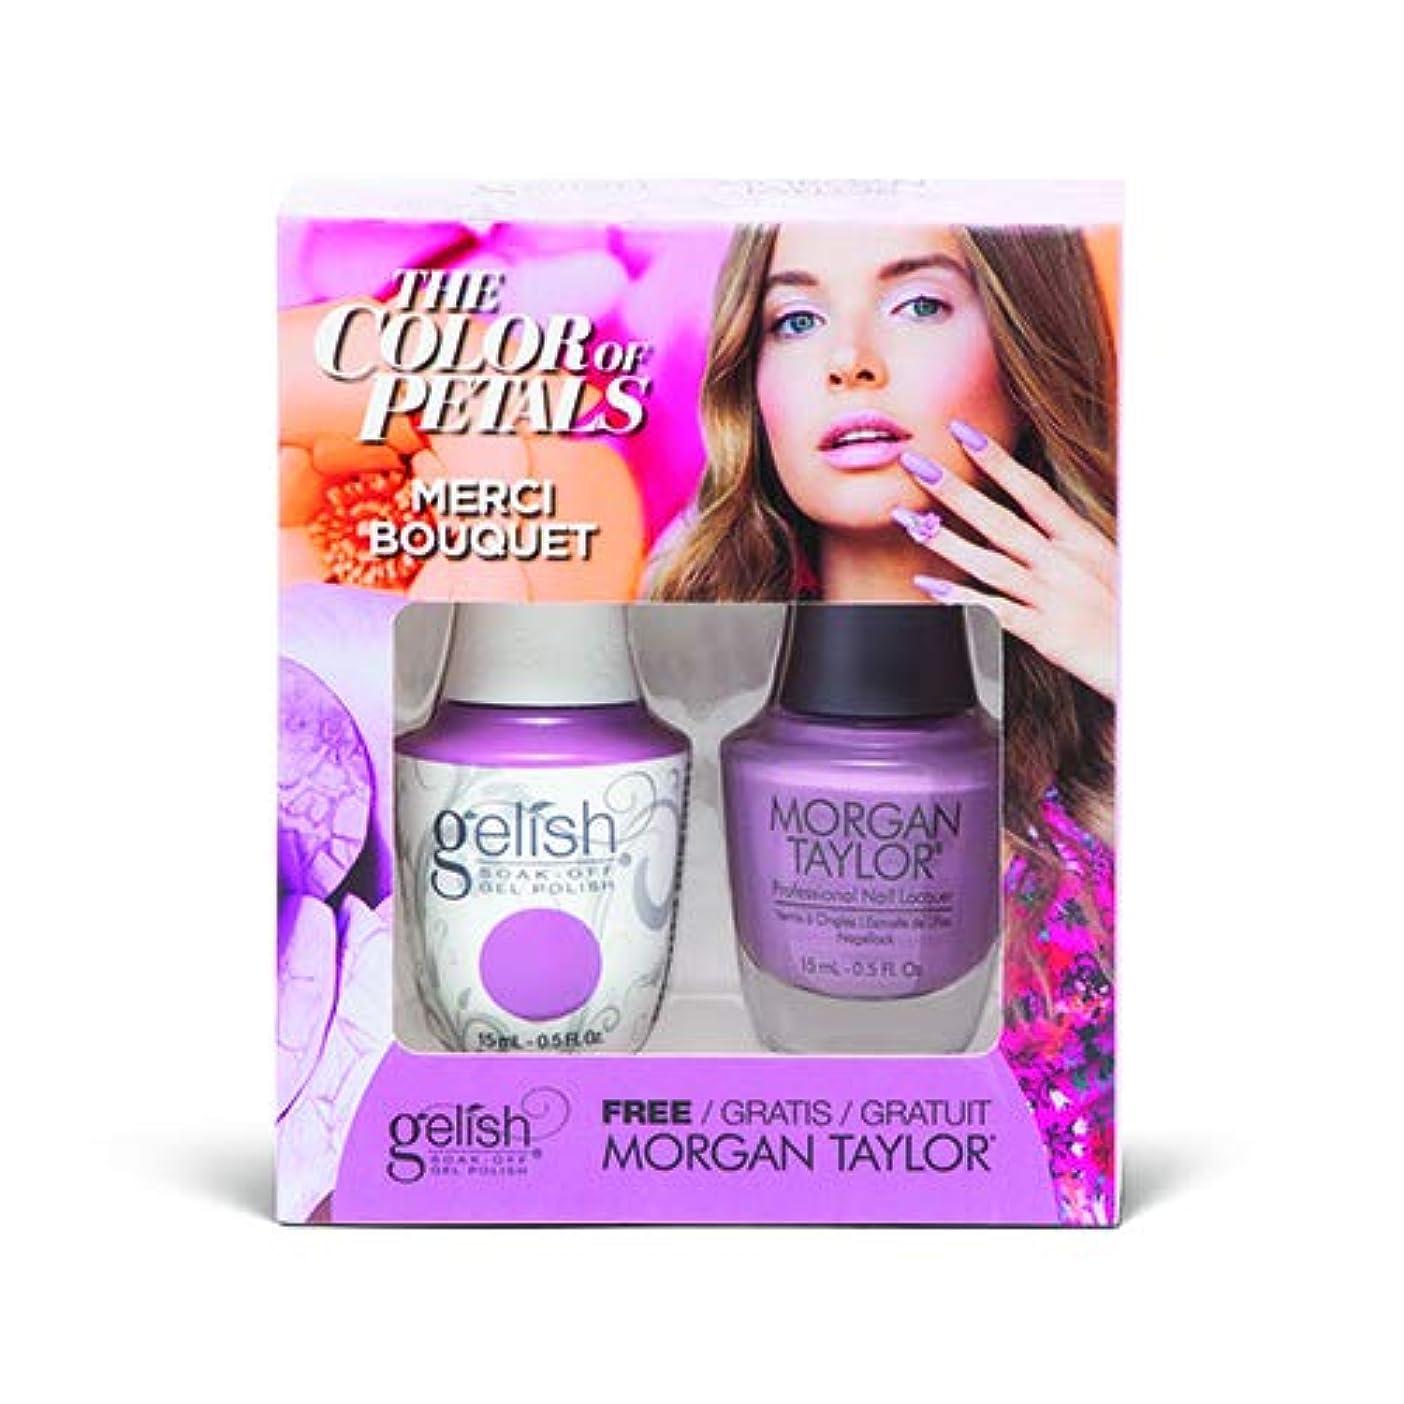 タブレットハウス移住するHarmony Gelish - Two Of A Kind - The Color Of Petals - Merci Bouquet - 15 mL / 0.5 Oz